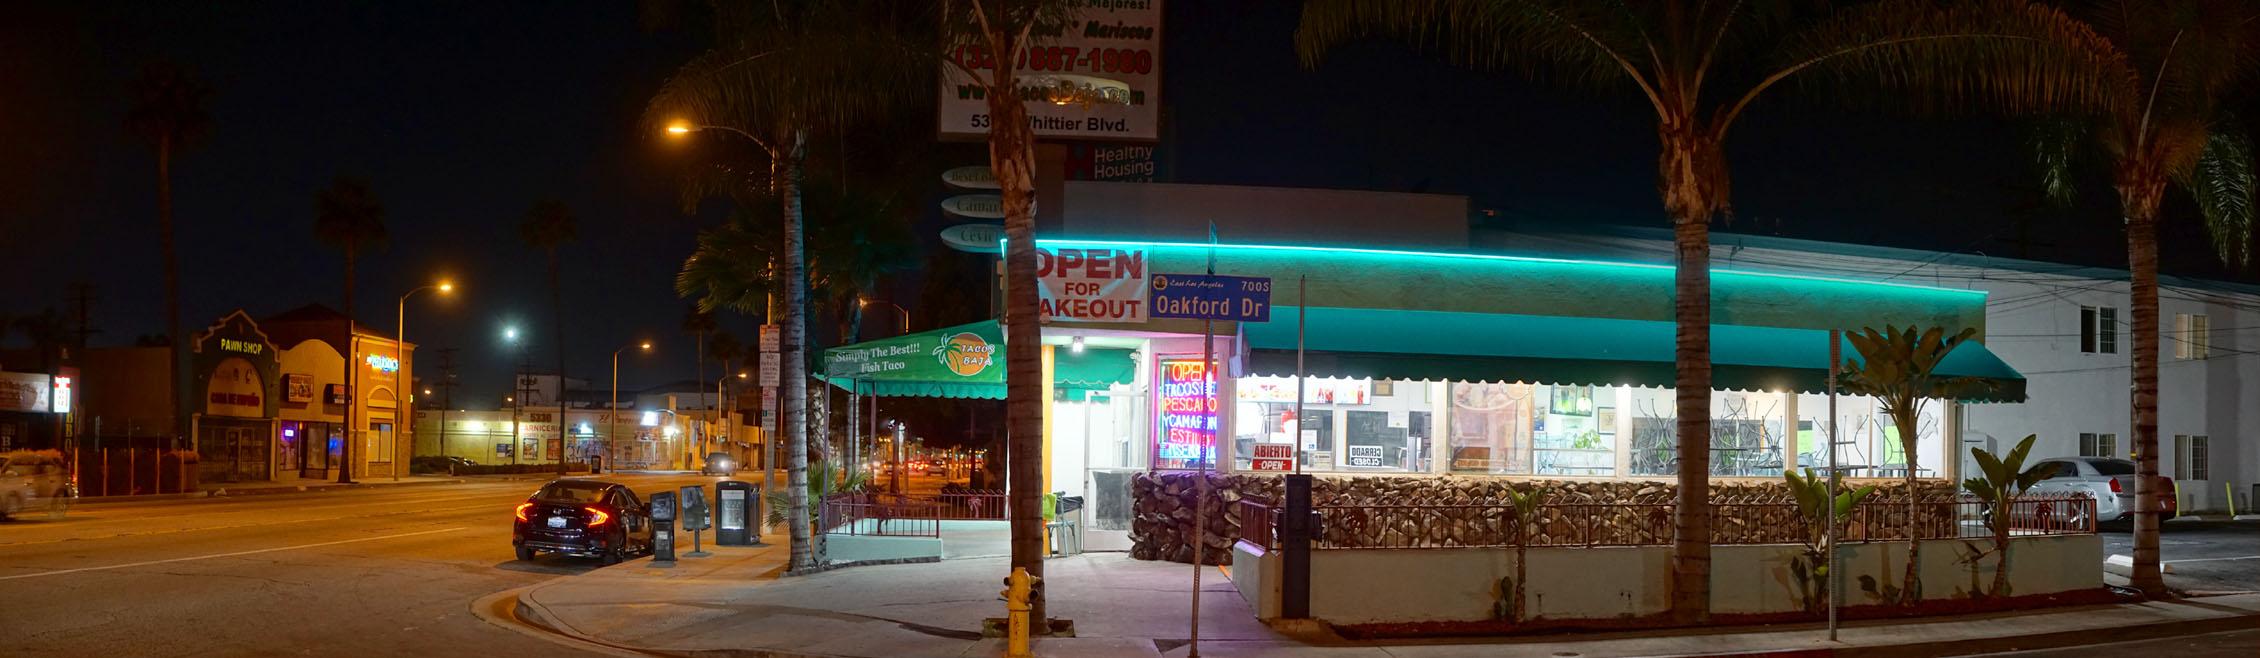 Tacos Baja Exterior